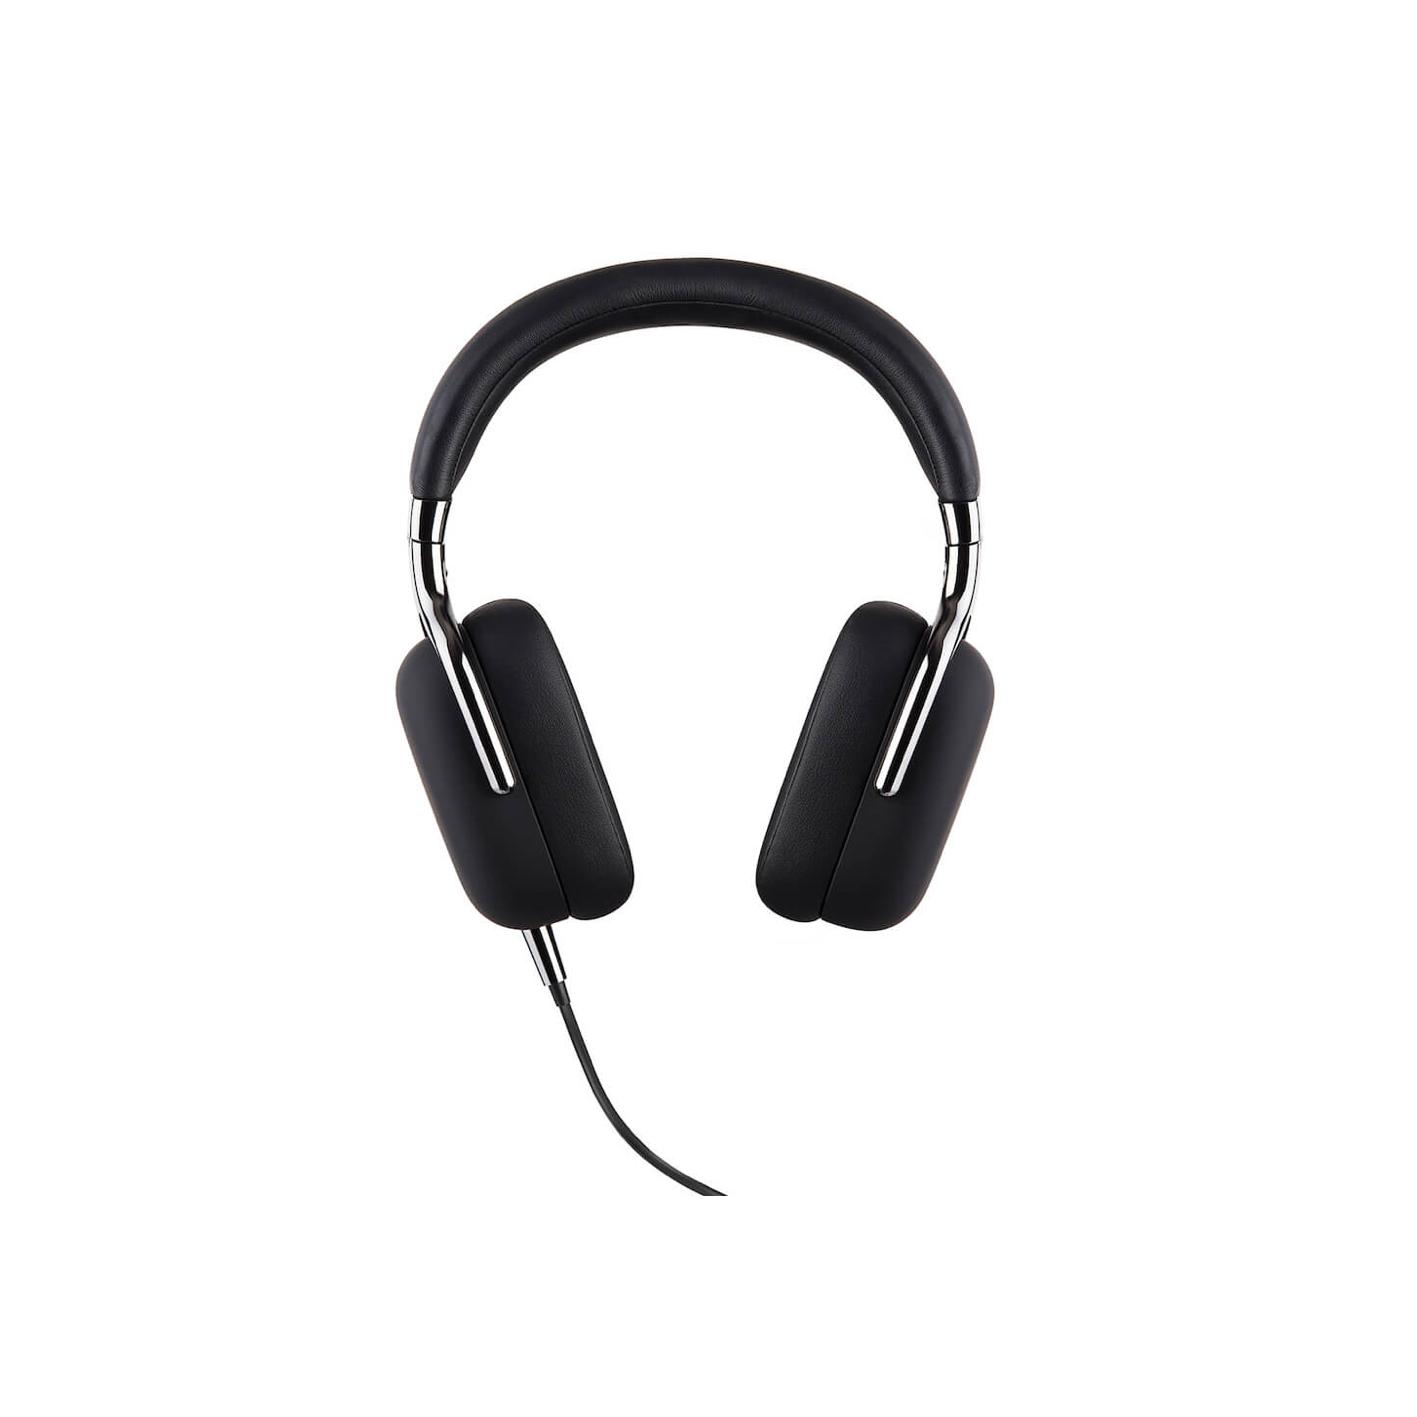 Edifier H880 Studio Headphones Black